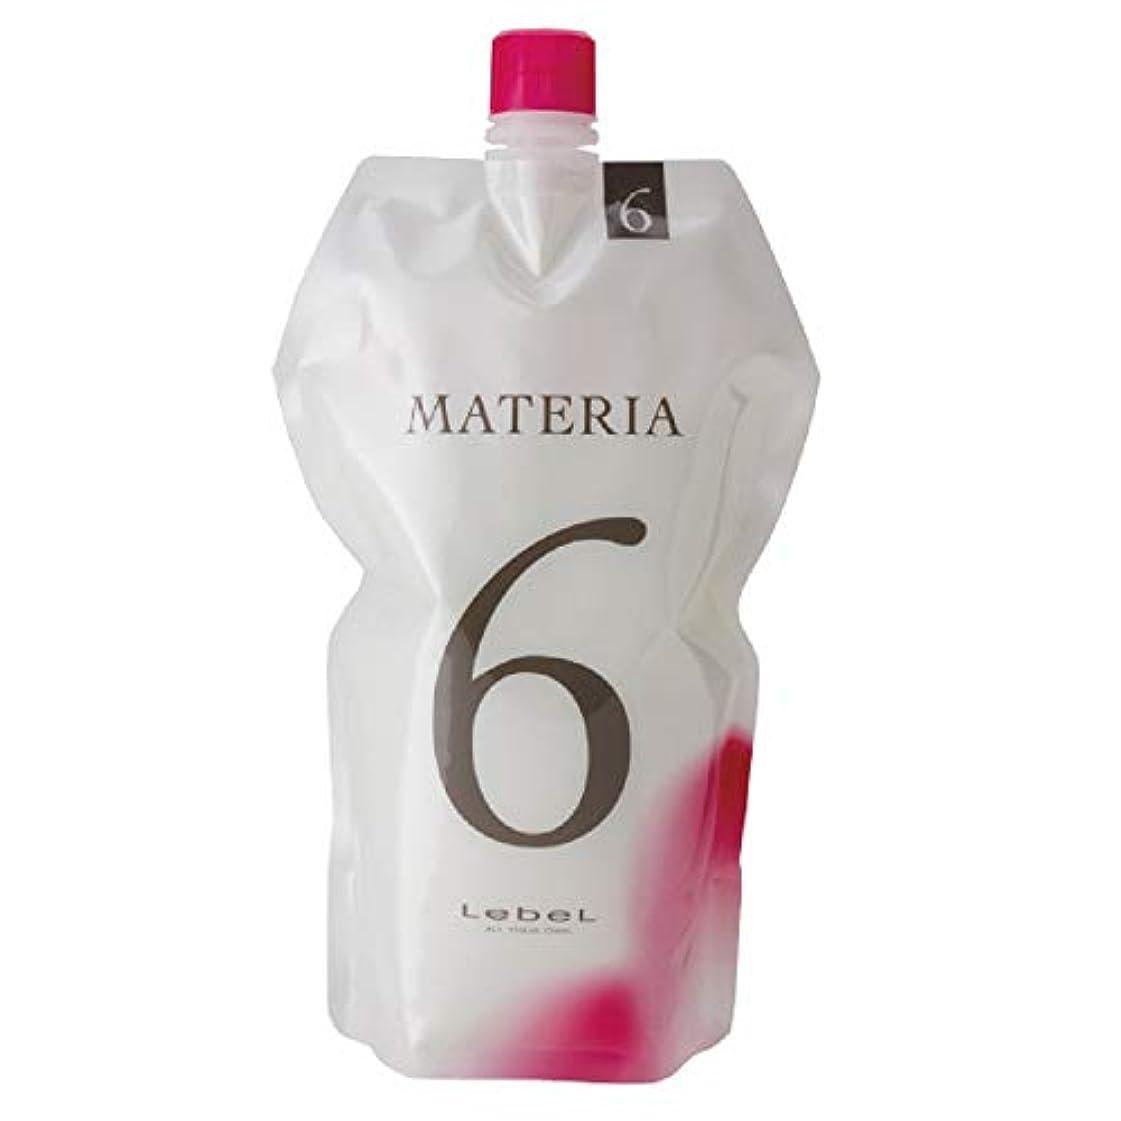 悪化させる確立無一文ルベル マテリア オキシW 1000ml 6% 【ヘアカラー2剤】【業務用】【医薬部外品】